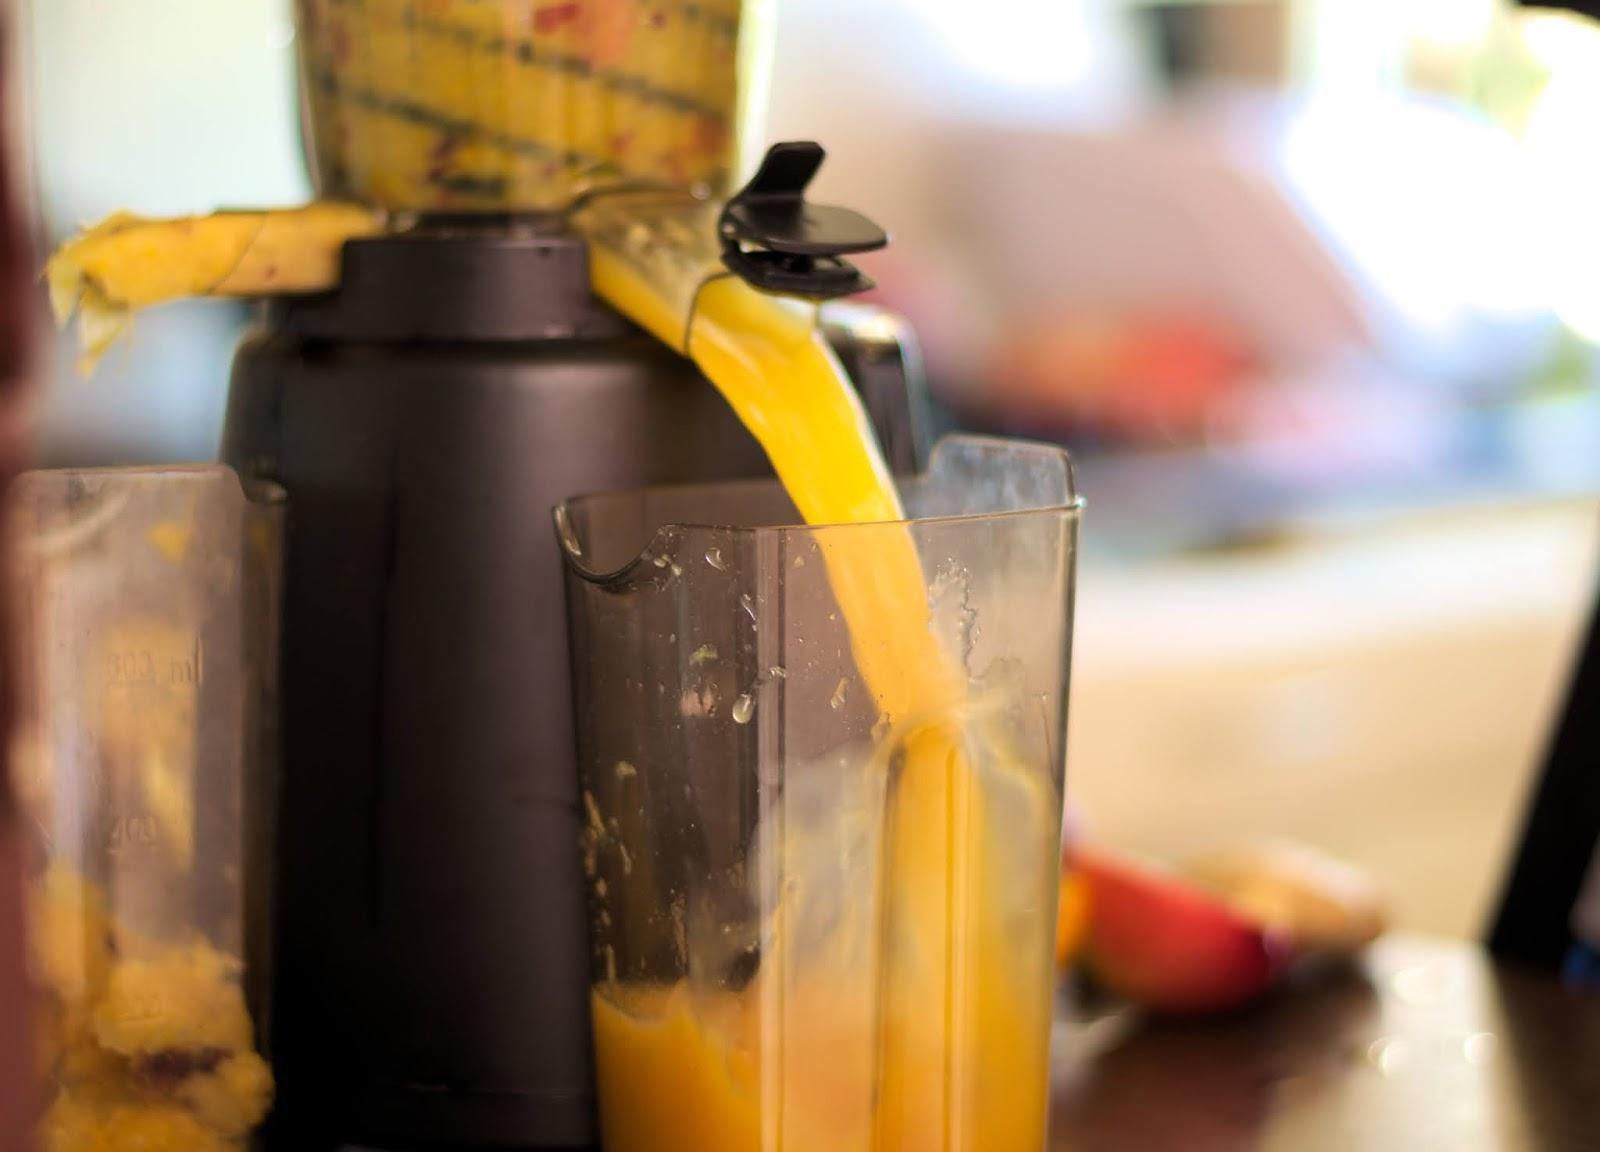 pyszny sok z wyciskarki wolnoobrotowej